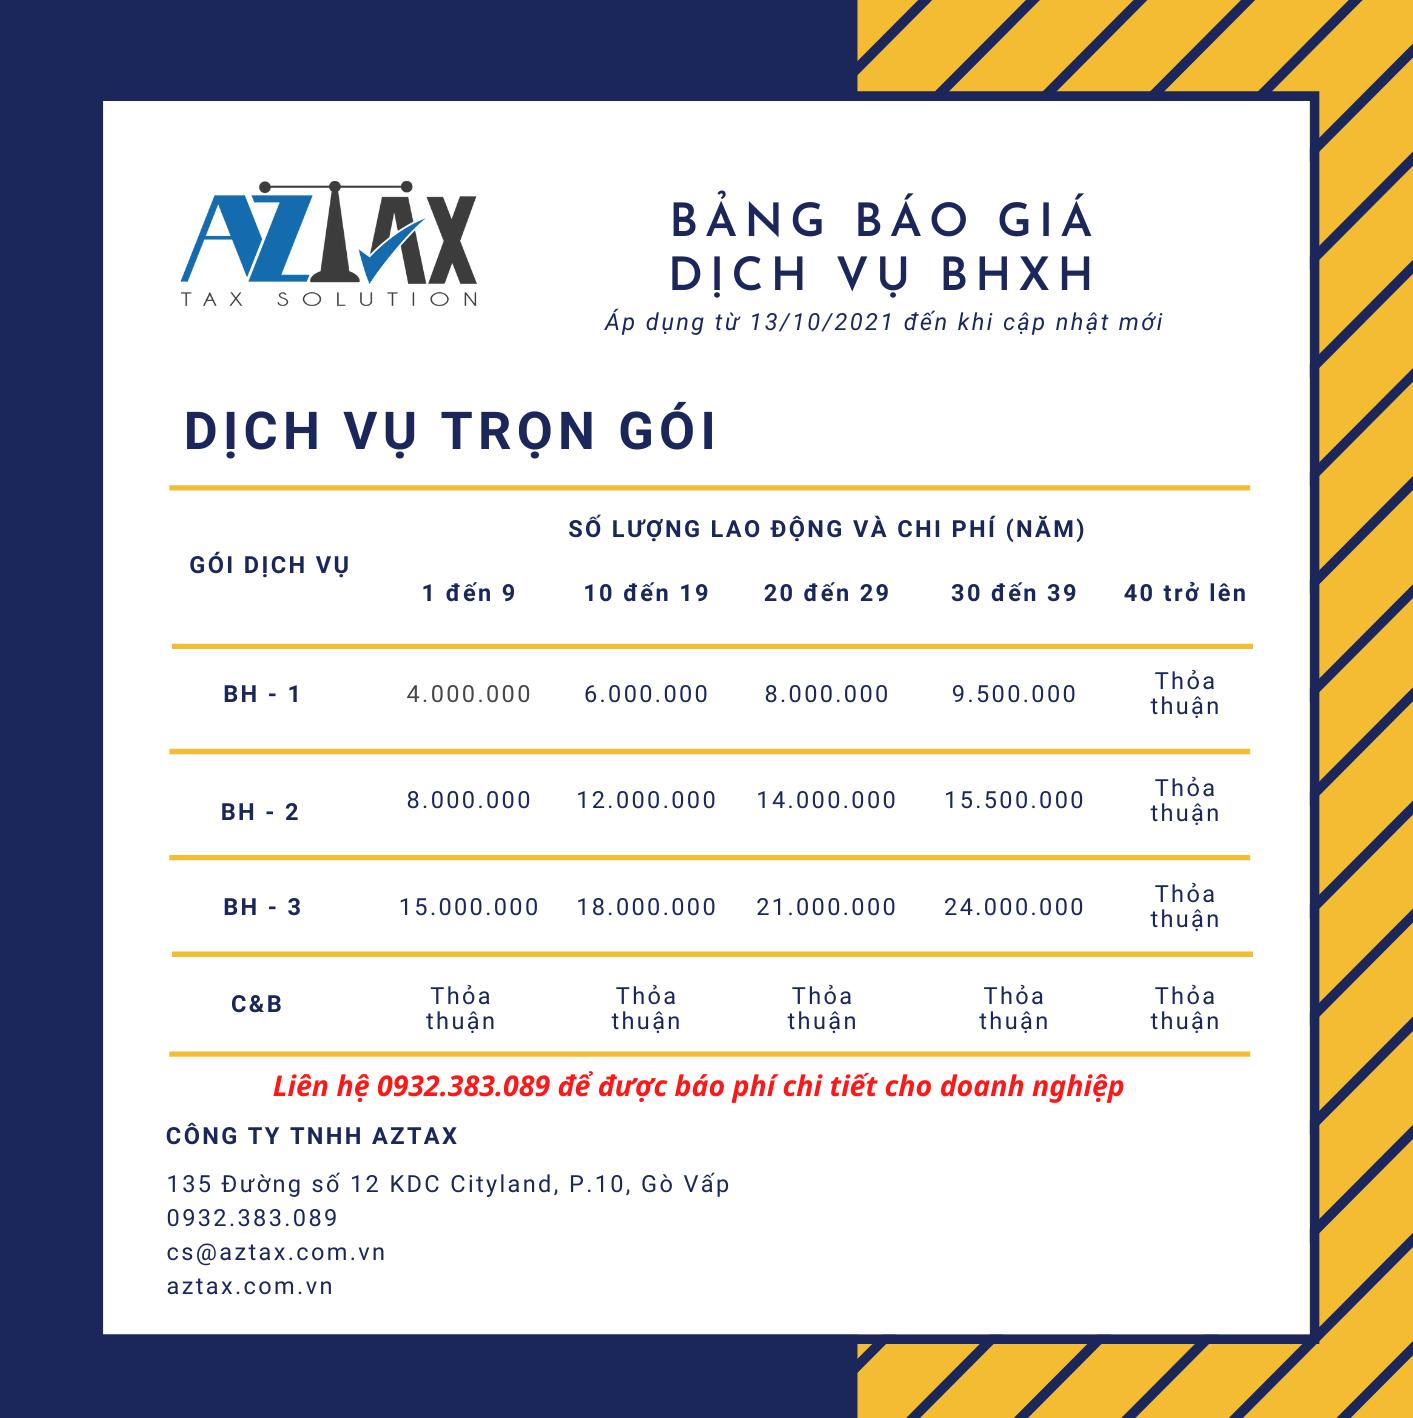 Bảng báo giá dịch vụ BHXH trọn gói